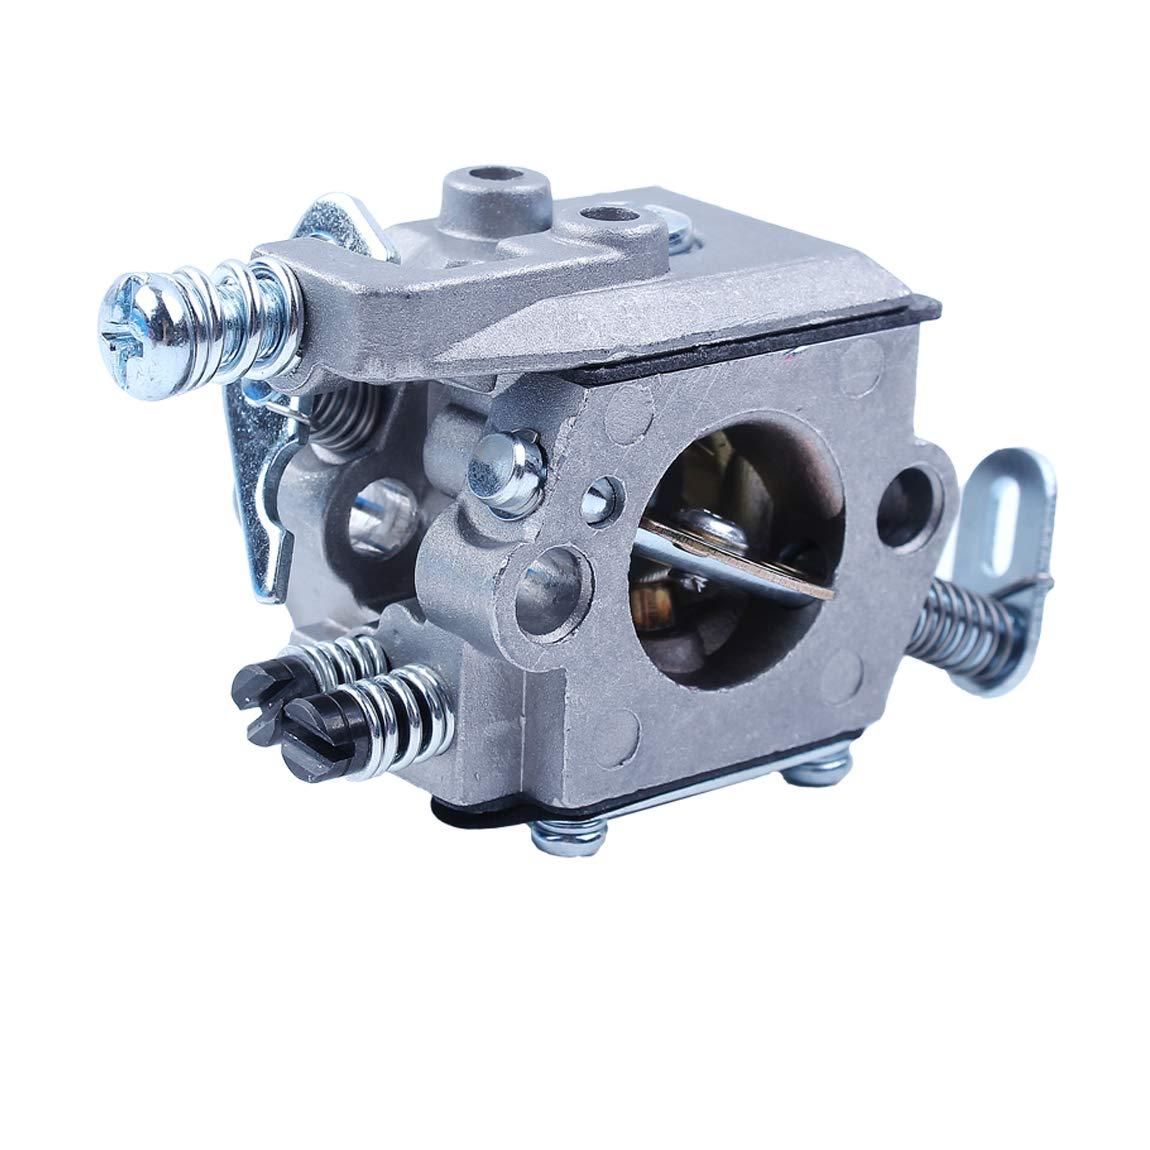 Filtro De Aire De Motosierra para Stihl MS250 MS230 MS210 023 025 250 230 210 Blanco